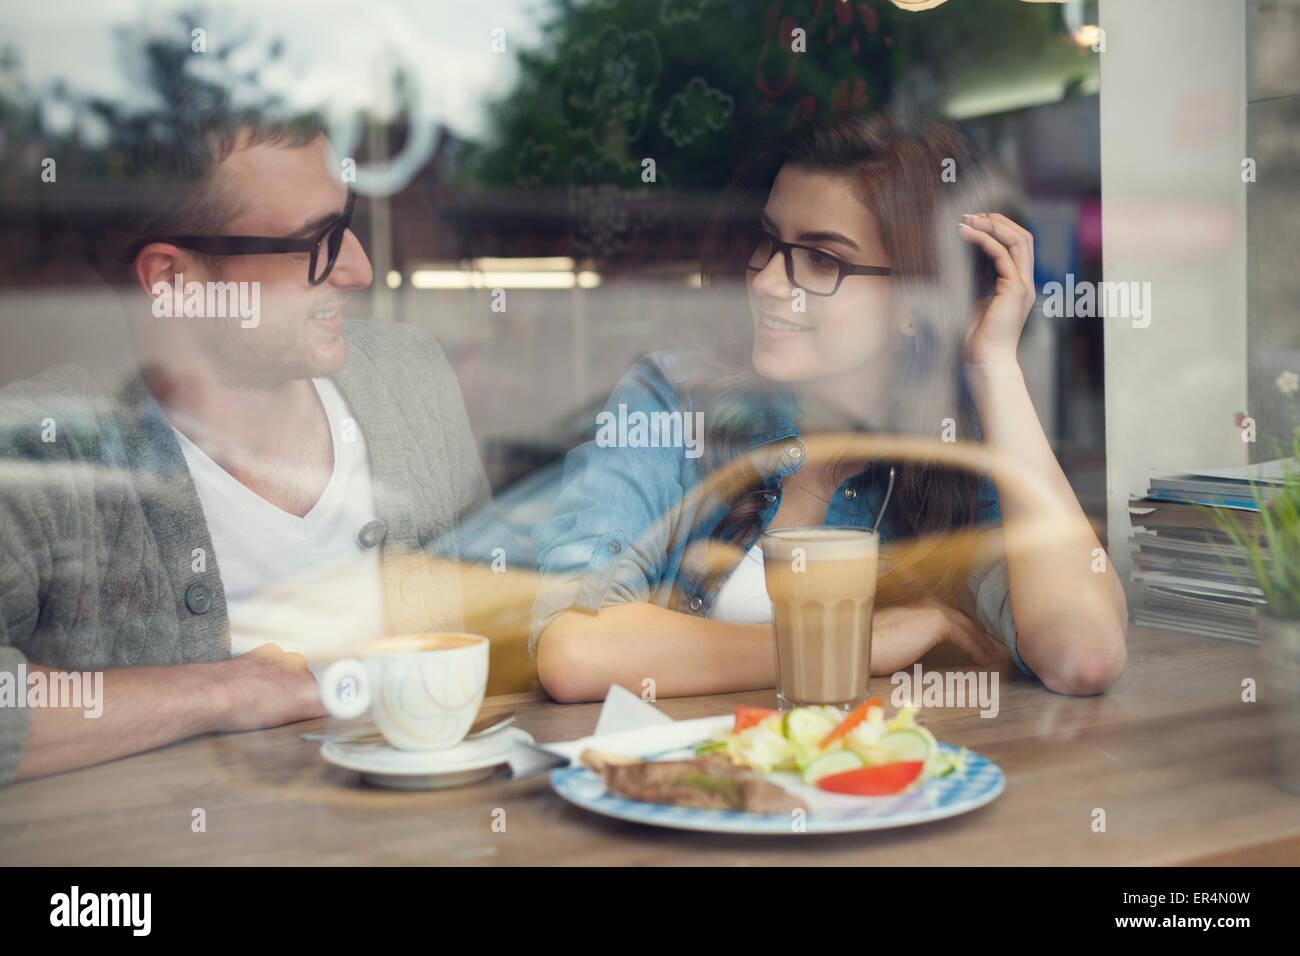 Felice l'uomo e la donna a ora di pranzo. Cracovia in Polonia Immagini Stock